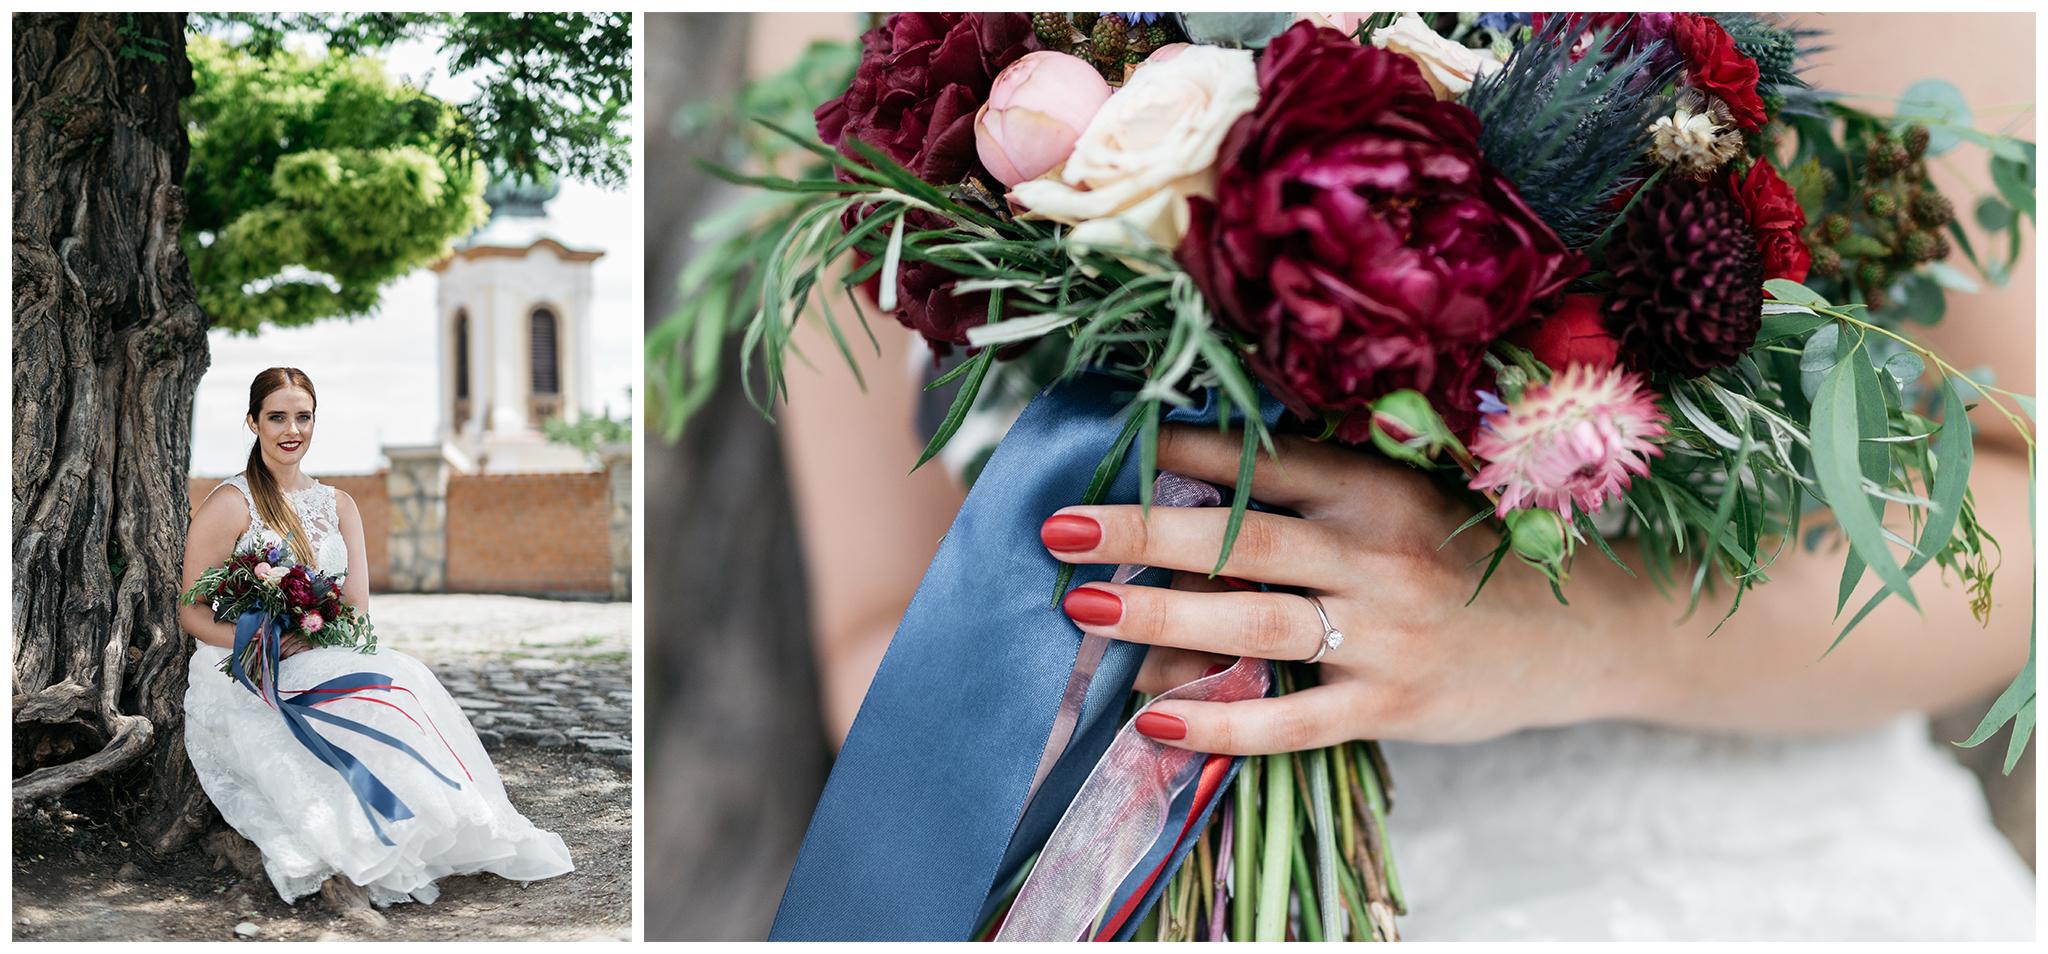 MONT_FylepPhoto, Esküvőfotós Vasmegye, Esküvő fotózás, Esküvői fotós, Körmend, Vas megye, Dunántúl, Budapest, Fülöp Péter, Jegyes fotózás, jegyes, kreatív, kreatívfotózás,Wien,Ausztira,Österreich,hochzeitsfotograf_V&M_012.jpg